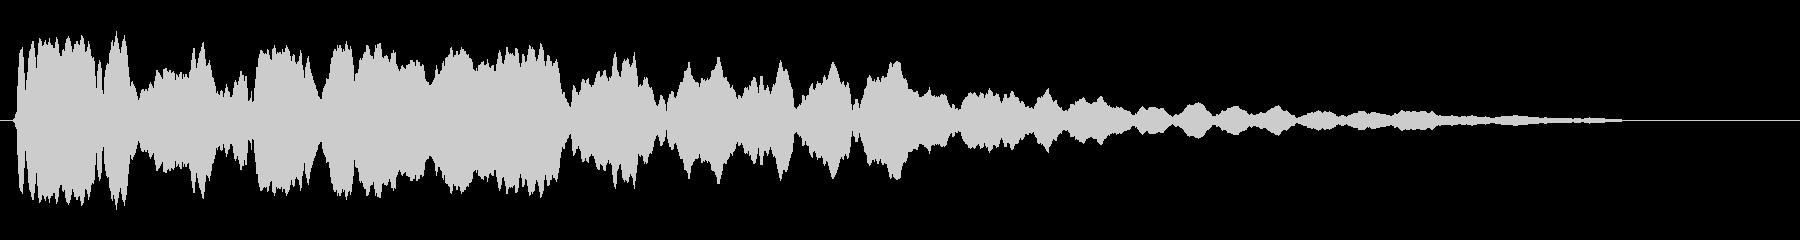 キーン (透明感のある響き)の未再生の波形